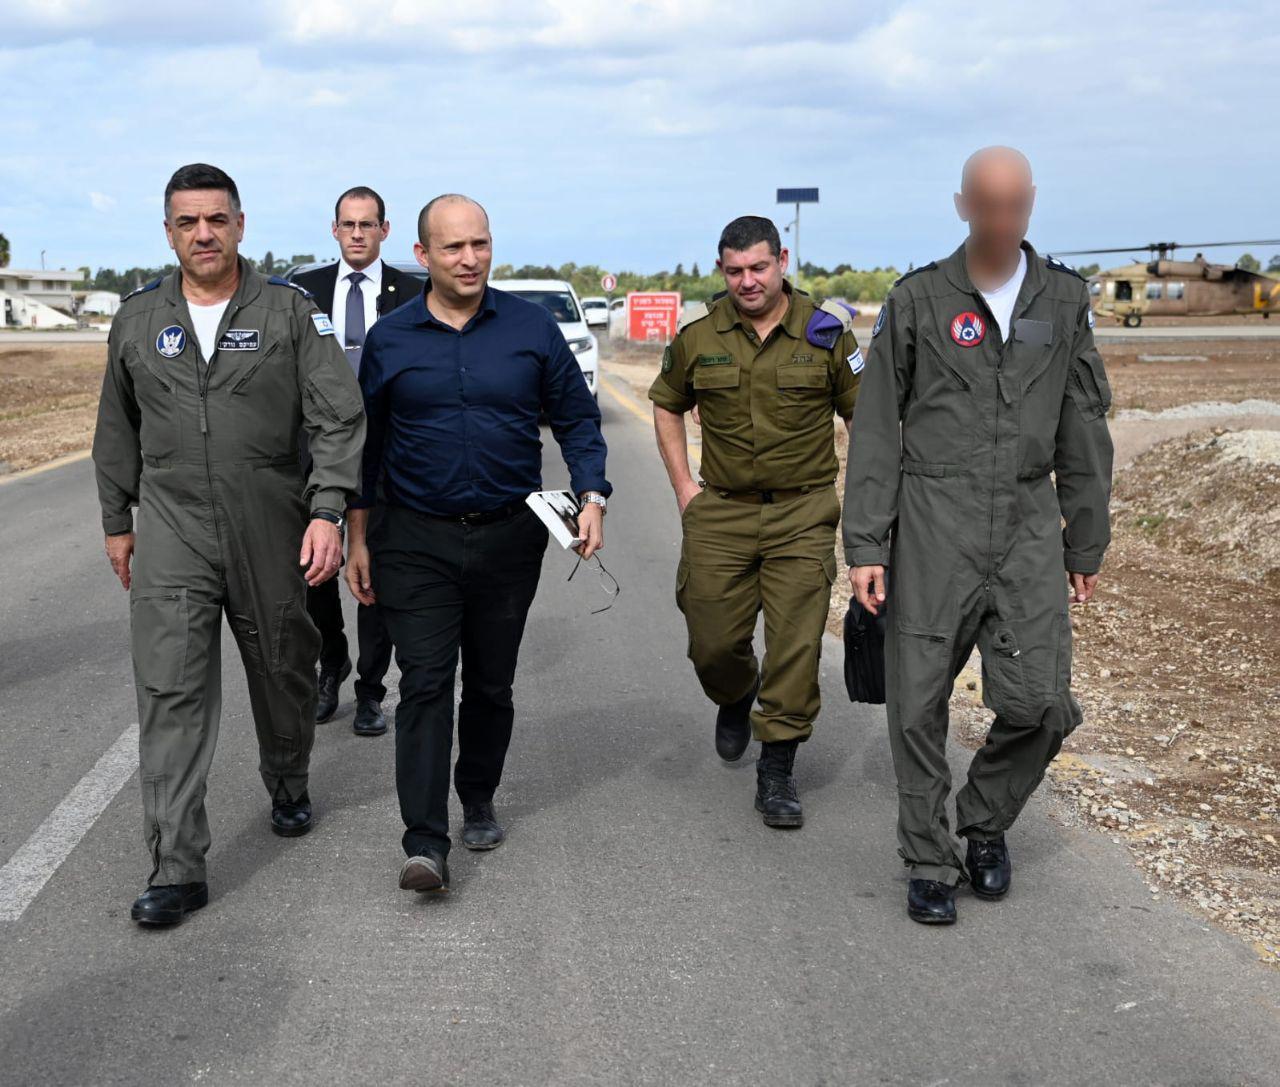 שר הביטחון בביקור בבסיס חיל האוויר